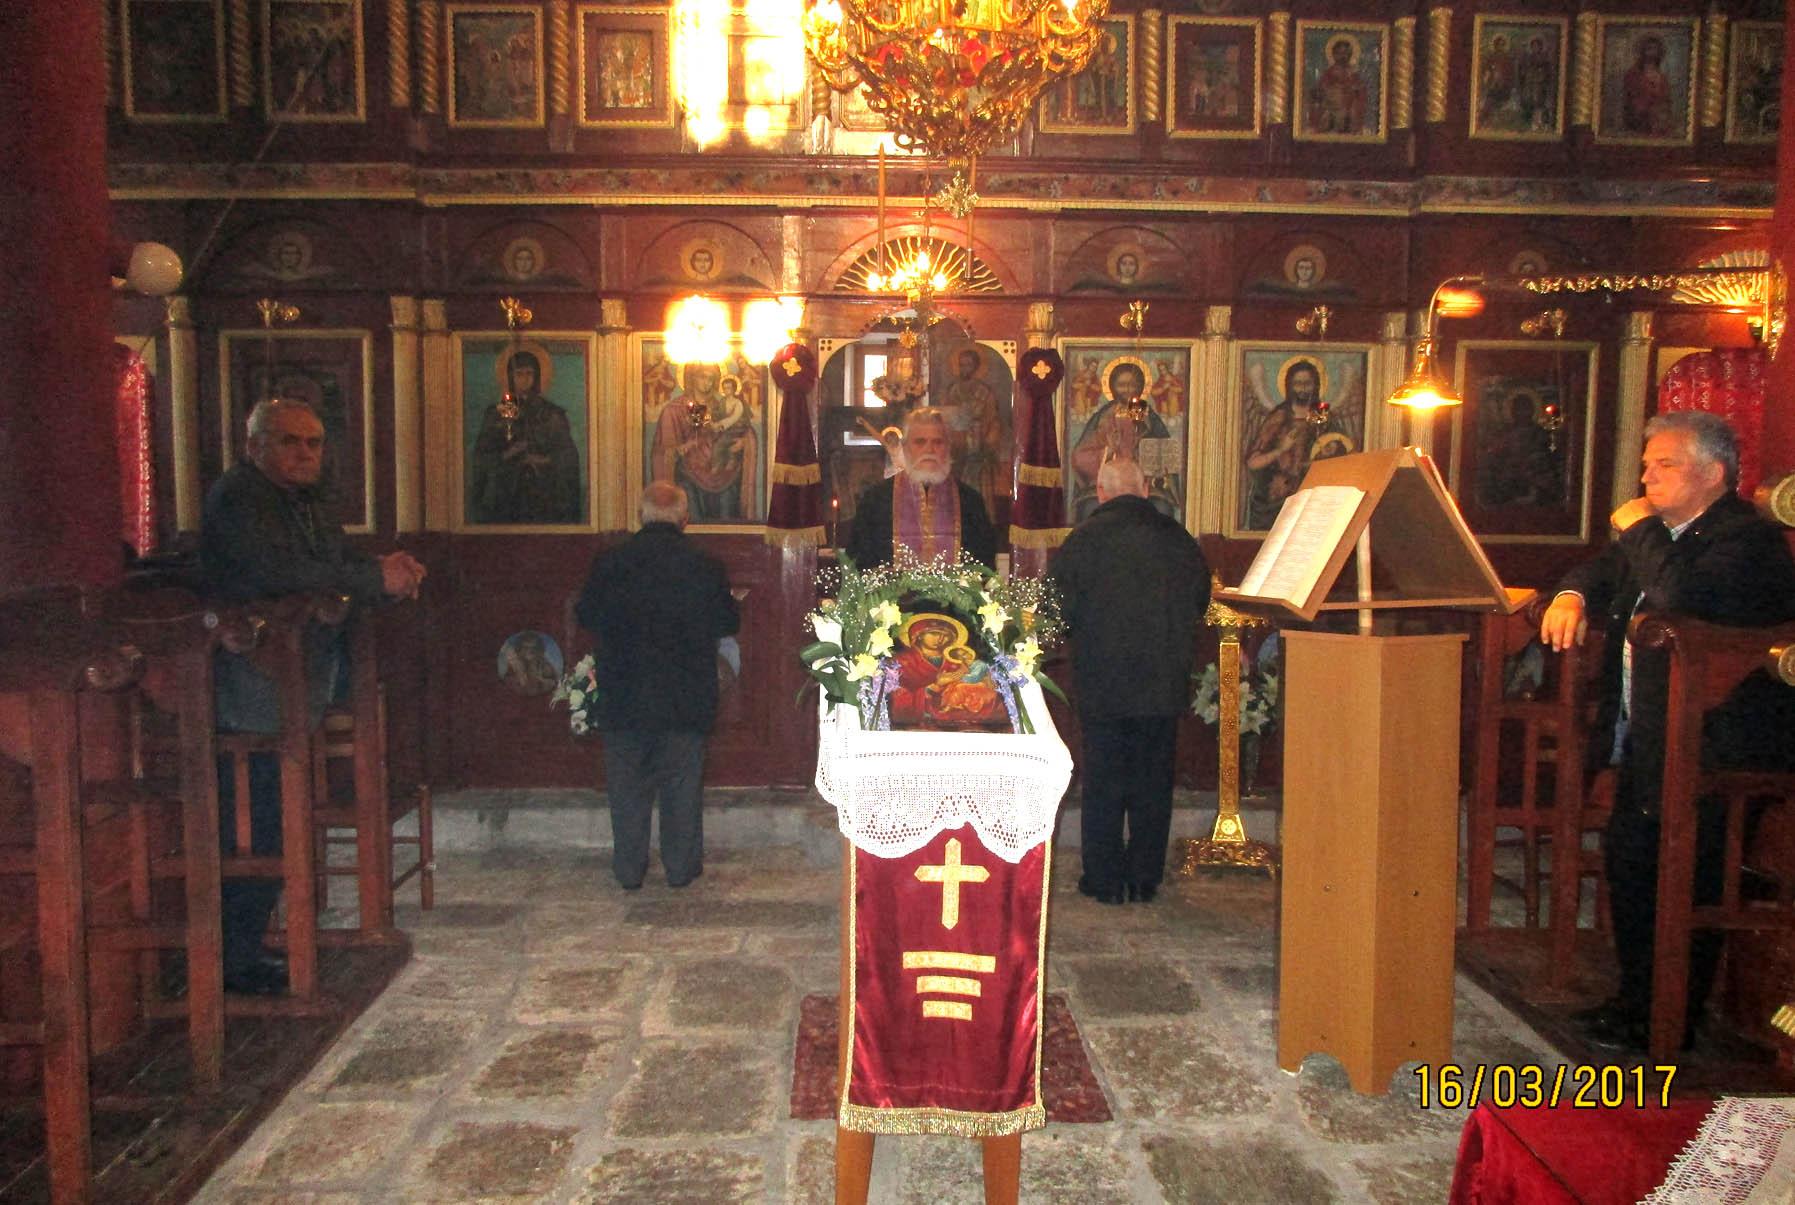 Σαρακοστιανή Ακολουθία στο Πολύφυτο (του παπαδάσκαλου Κωνσταντίνου Ι. Κώστα)